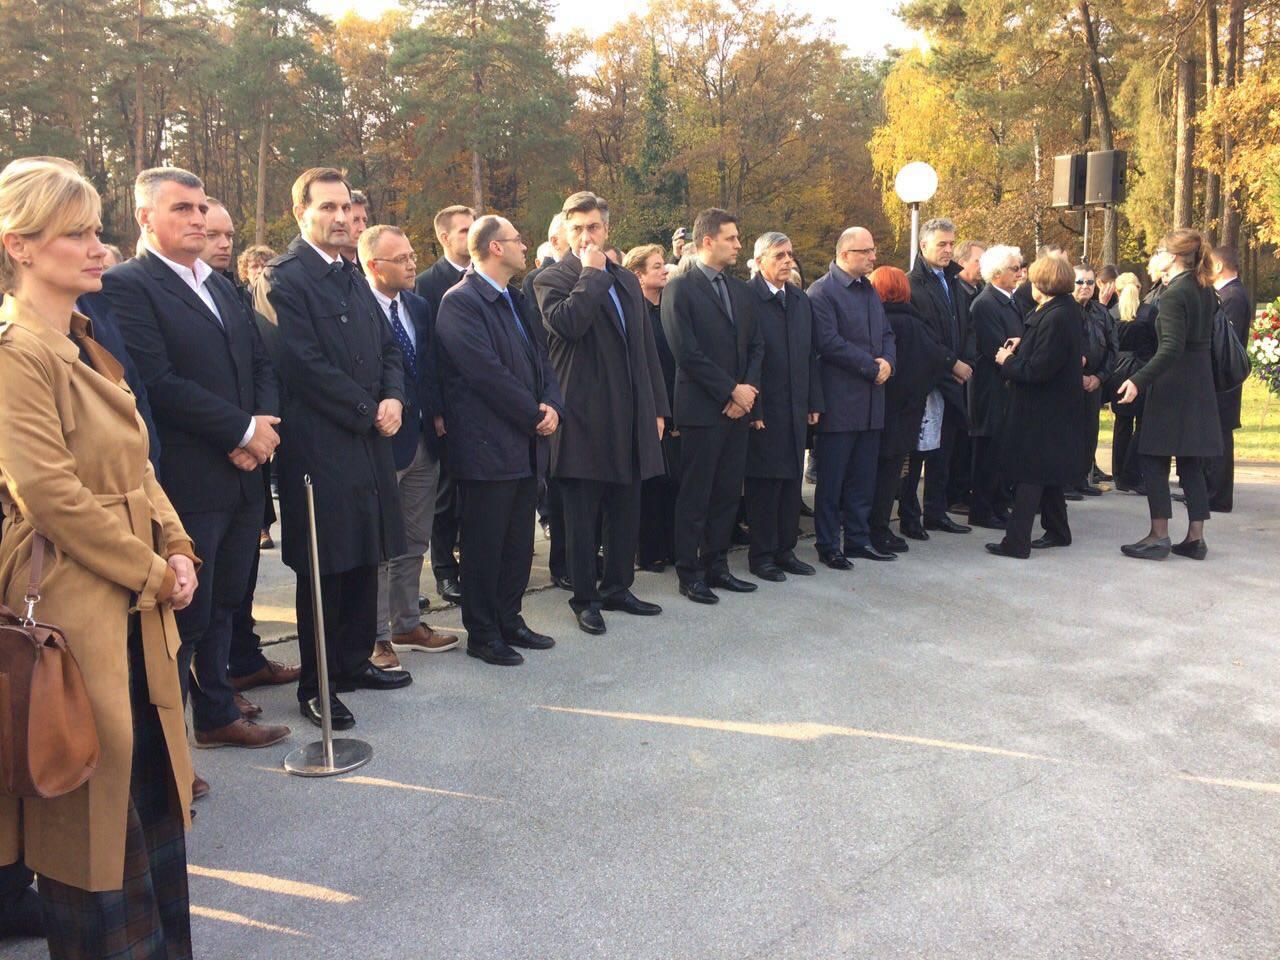 'Hrvatske vlasti nisu učinile dovoljno da se rasvjetle zločini'